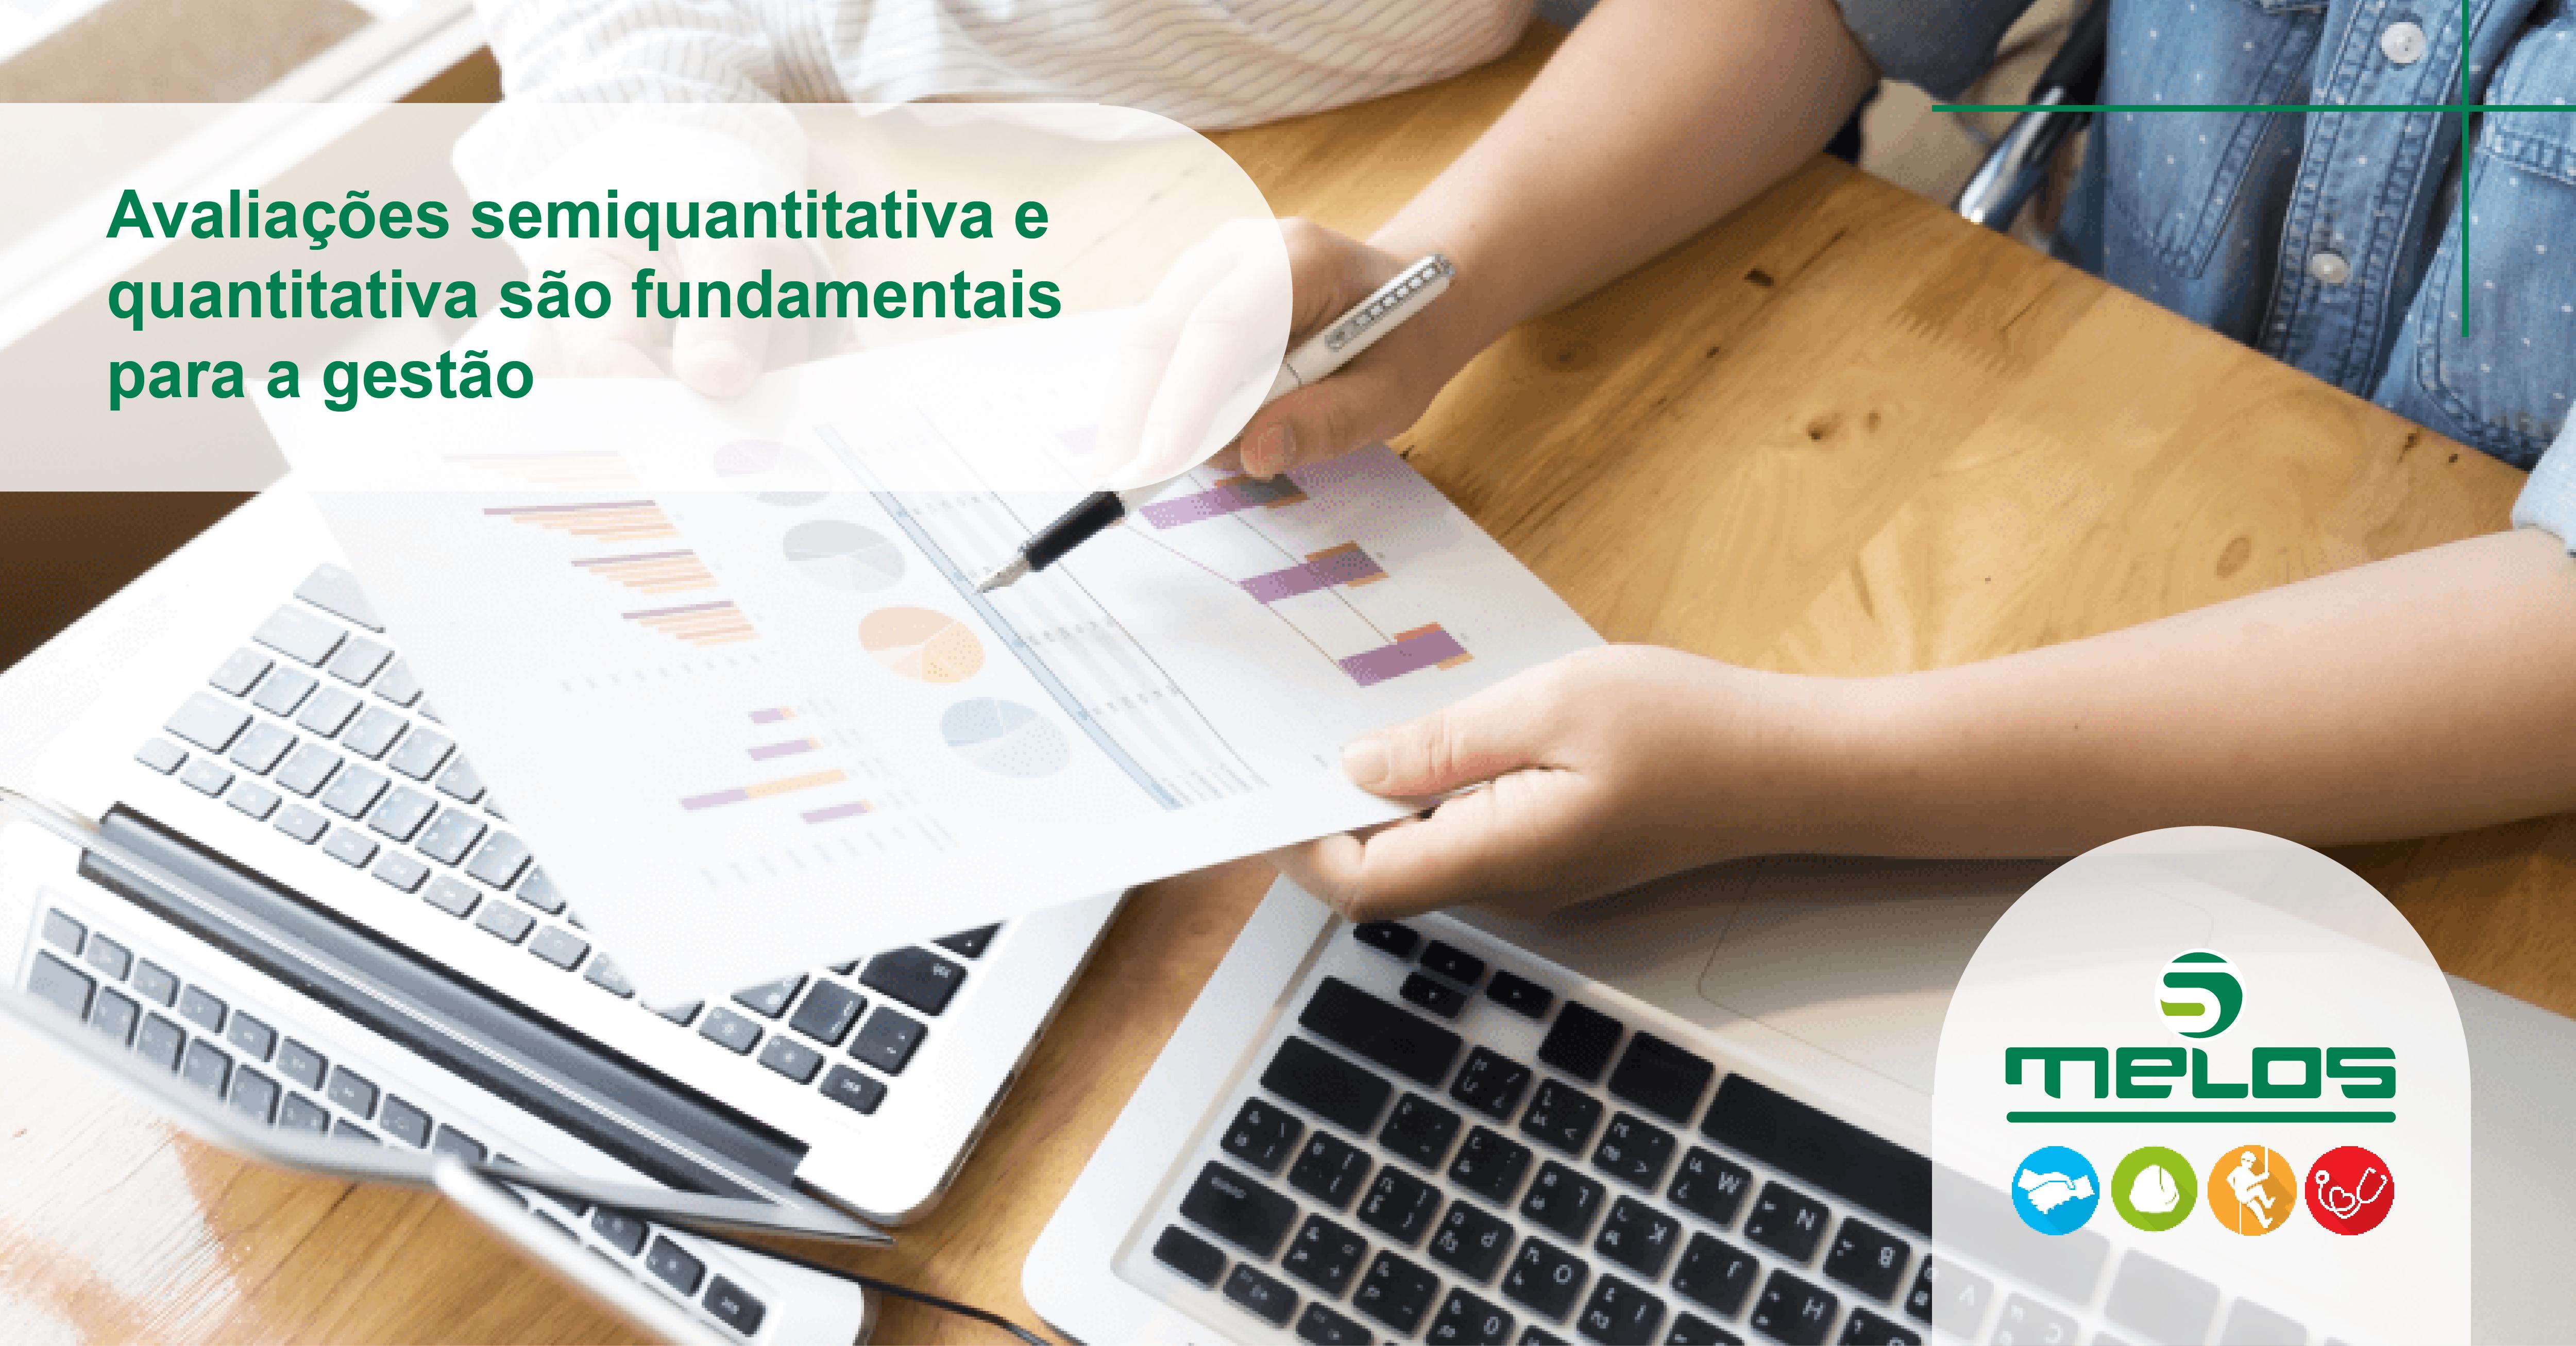 Avaliações semiquantitativa e quantitativa